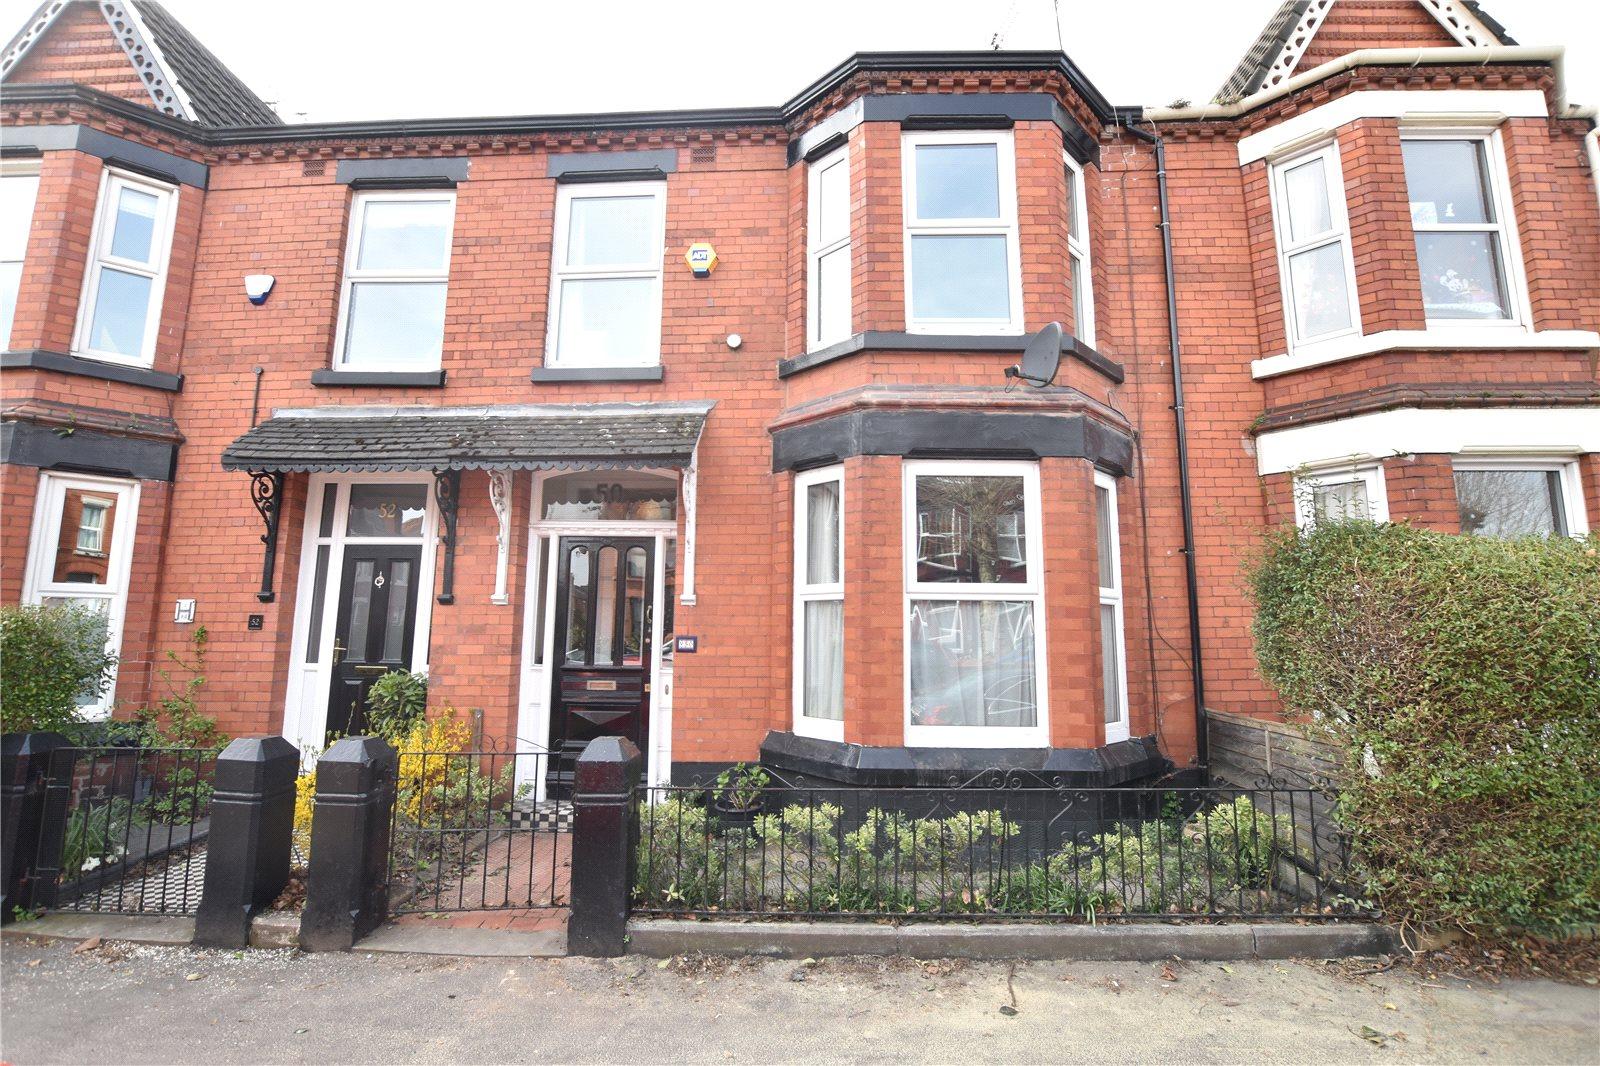 Greenbank Road, Mossley Hill, Liverpool, L18 1HN